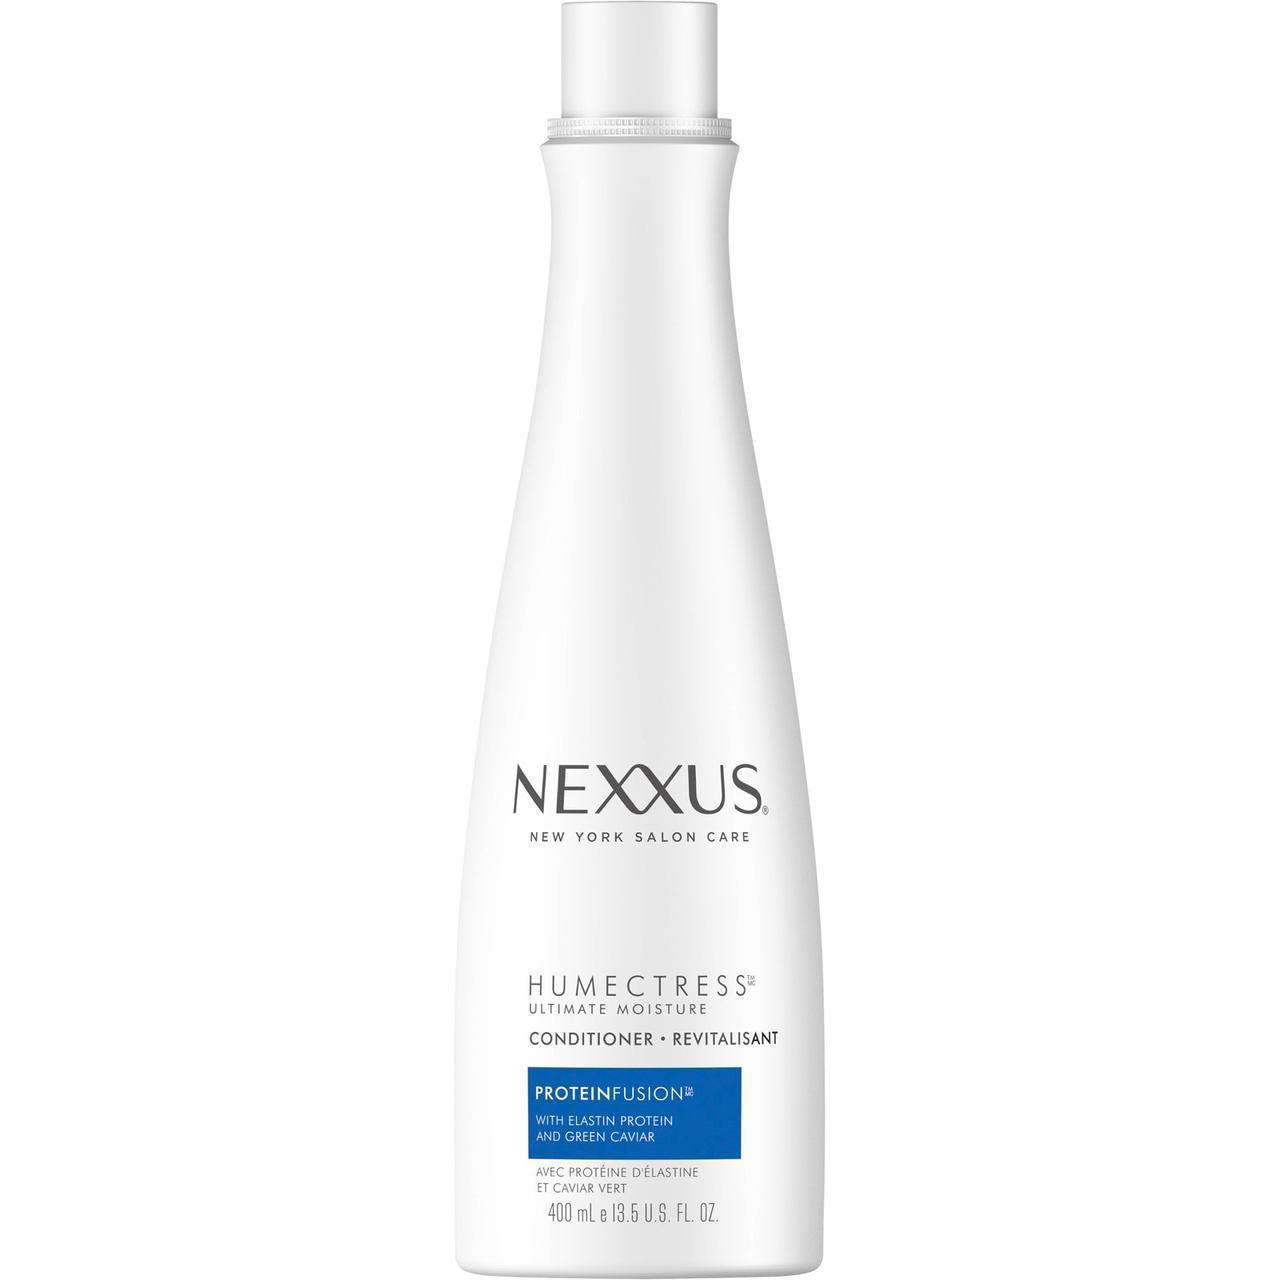 Шампунь для максимального увлажнения волос Therappe, 400 мл, Nexxus